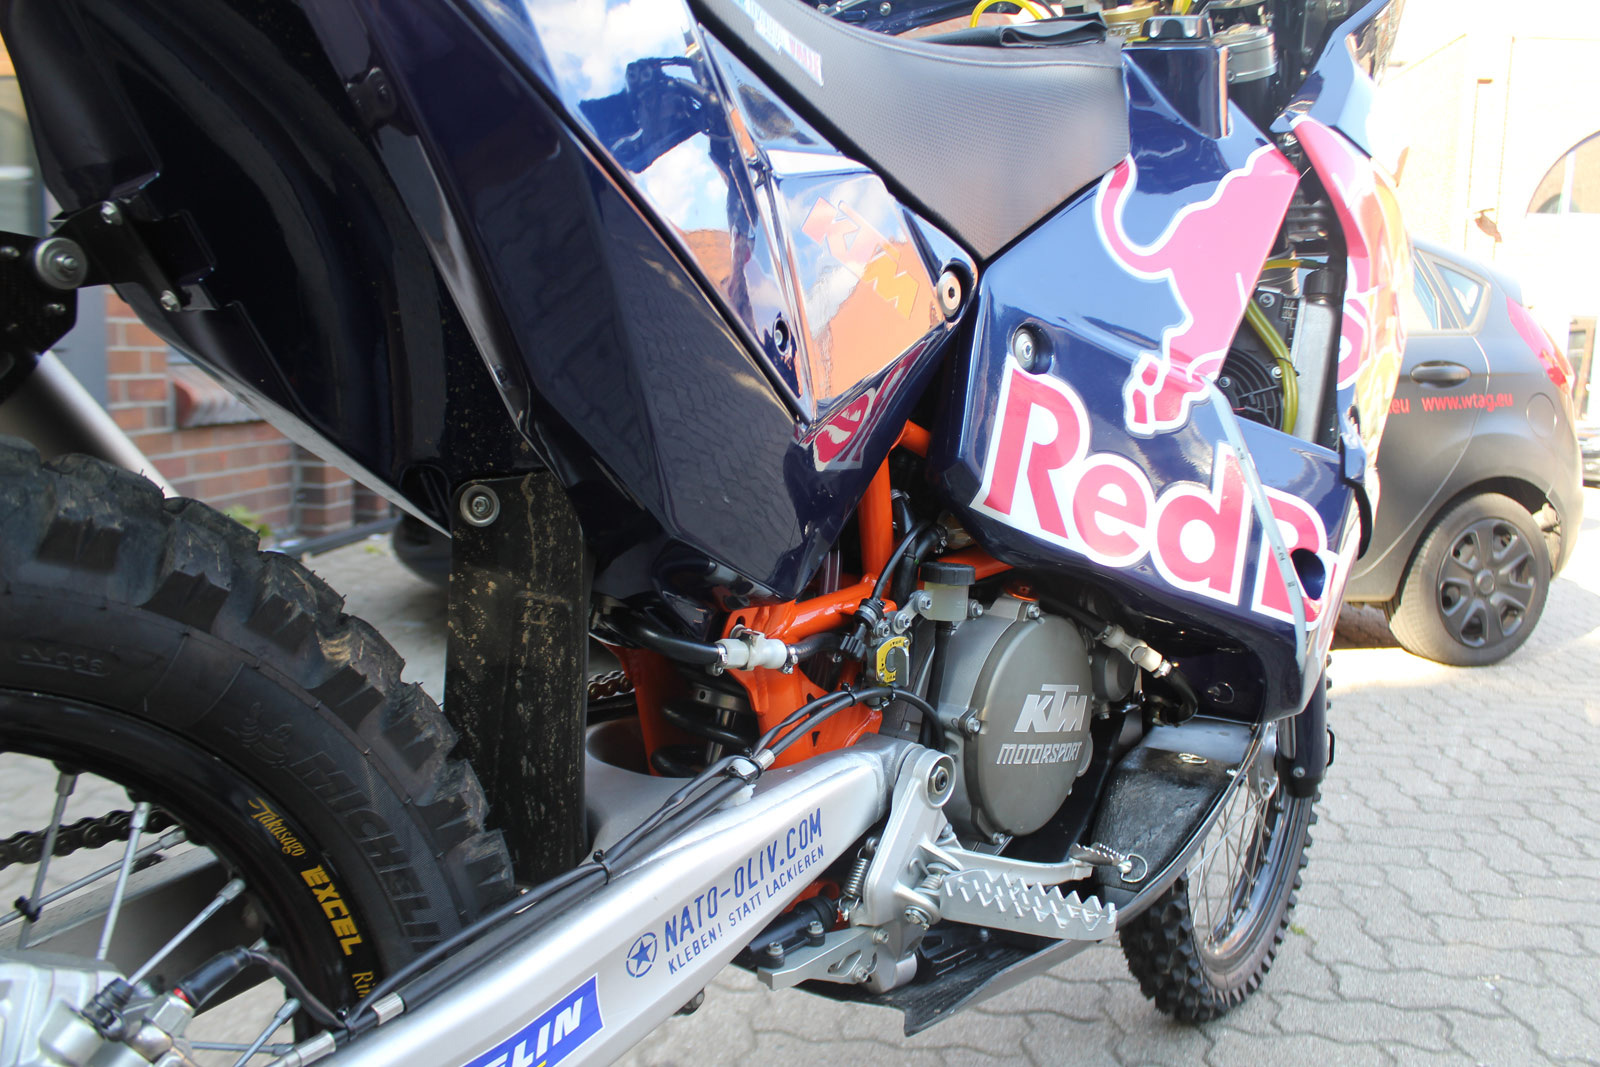 REDBULL_KTM_MOTORRAD_FOLIERUNG_20